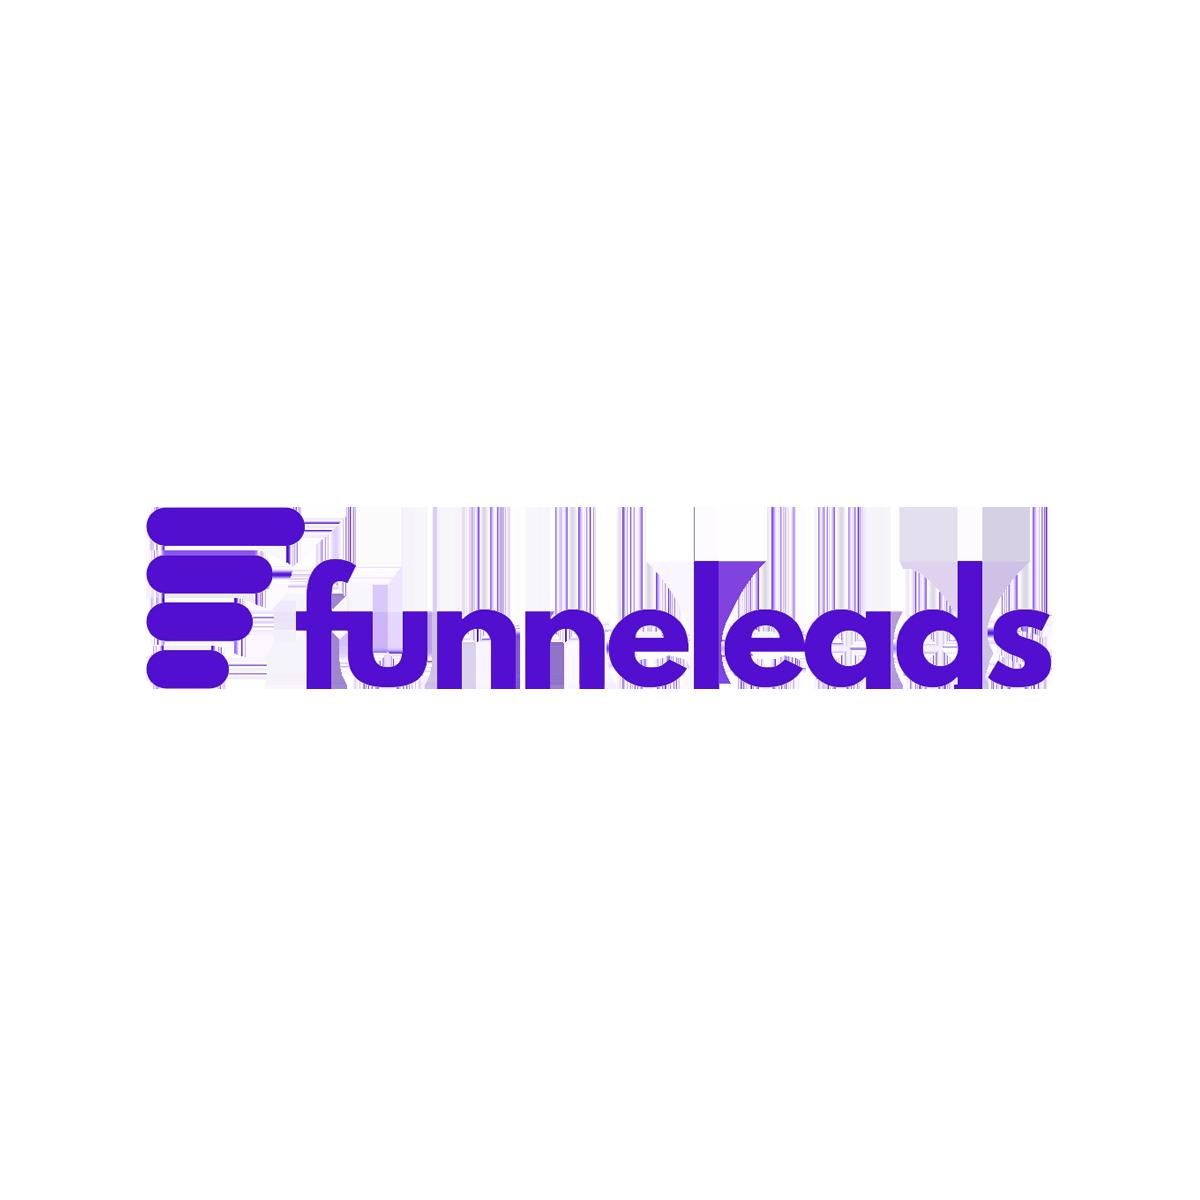 Funneleads